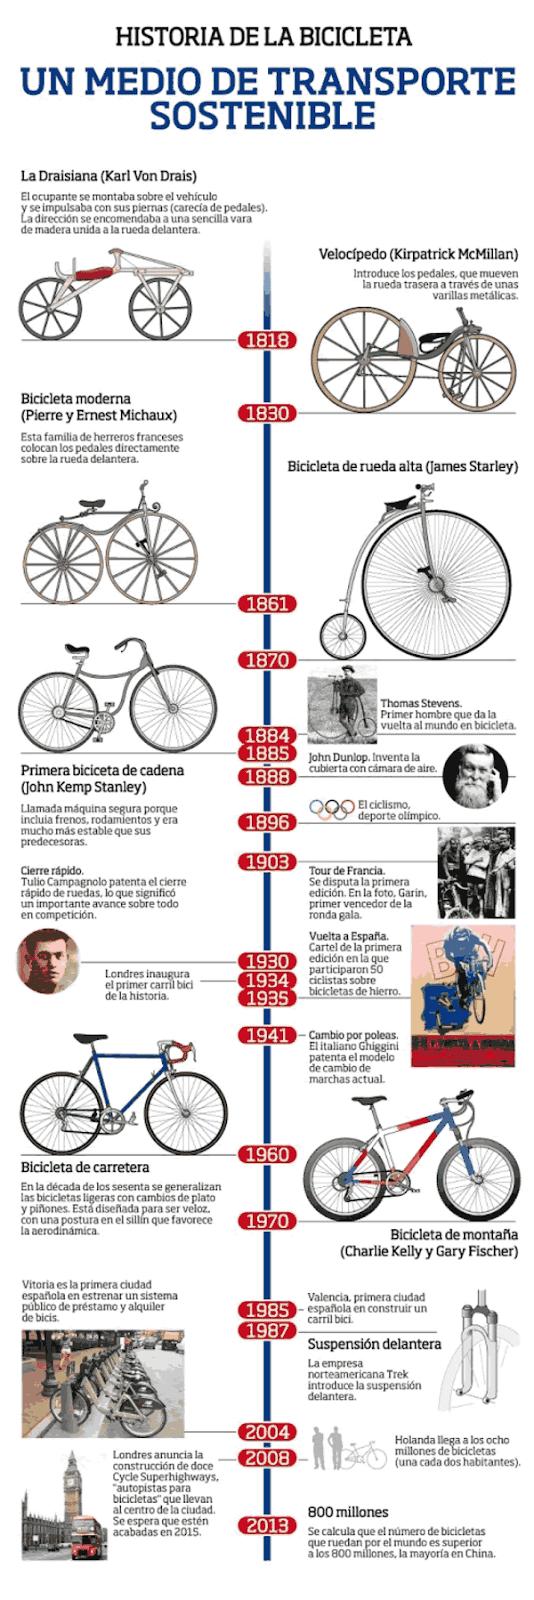 historia de la bicicleta, origen y desarrolloen el tiempo